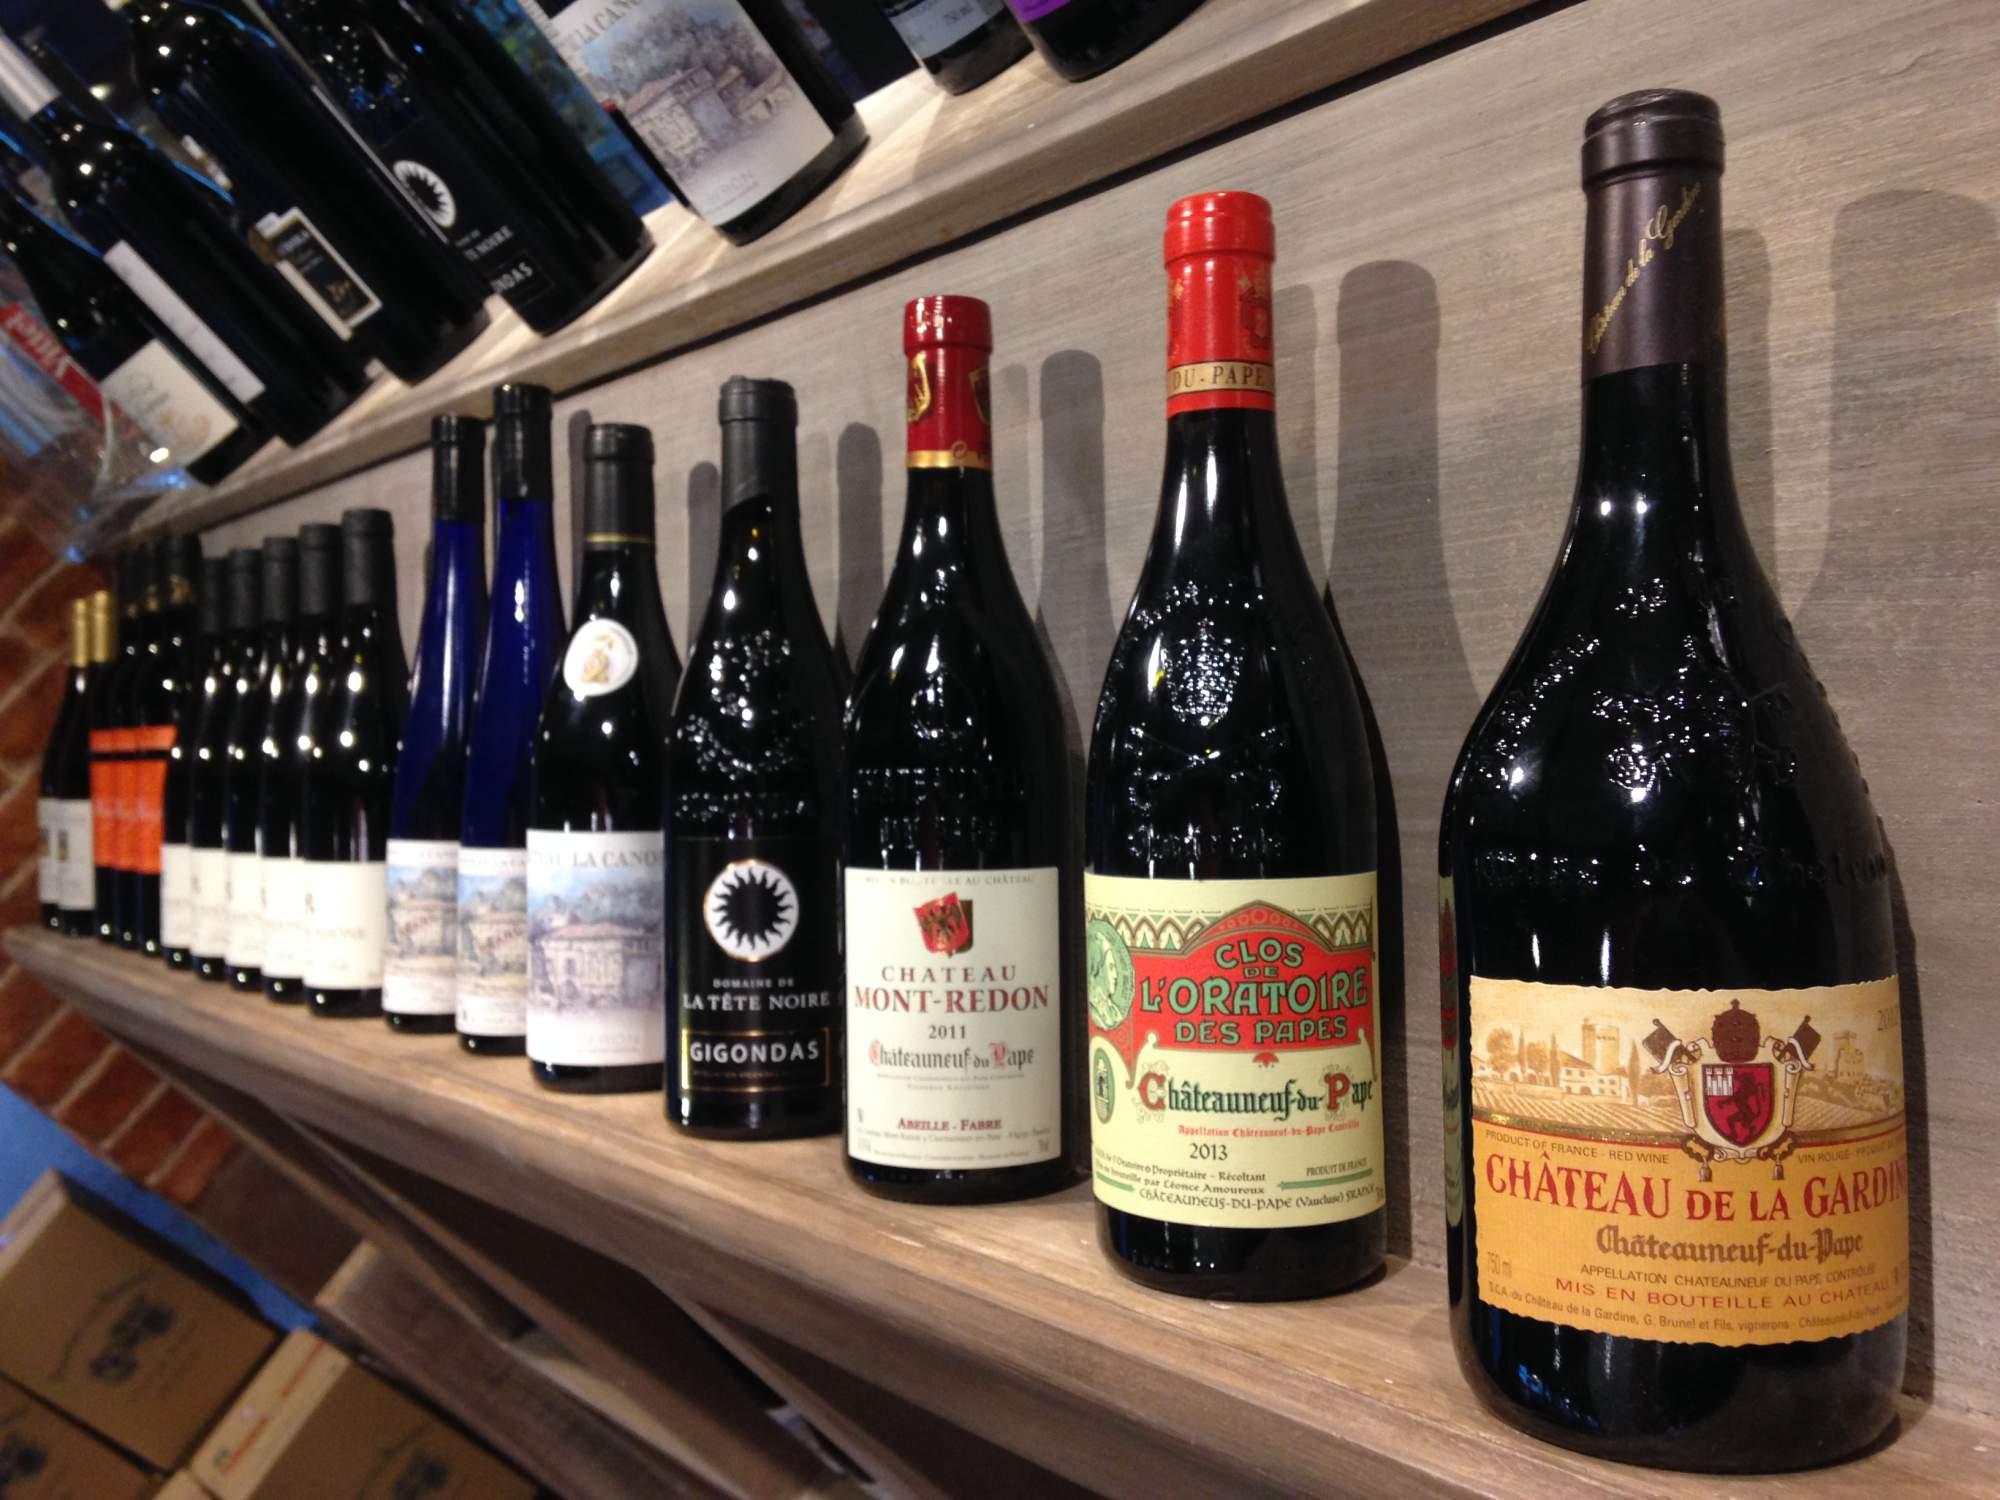 Vin du Rhône : On vous parle de l'offre variée en matière de cépages de la fameuse vallée du Rhône